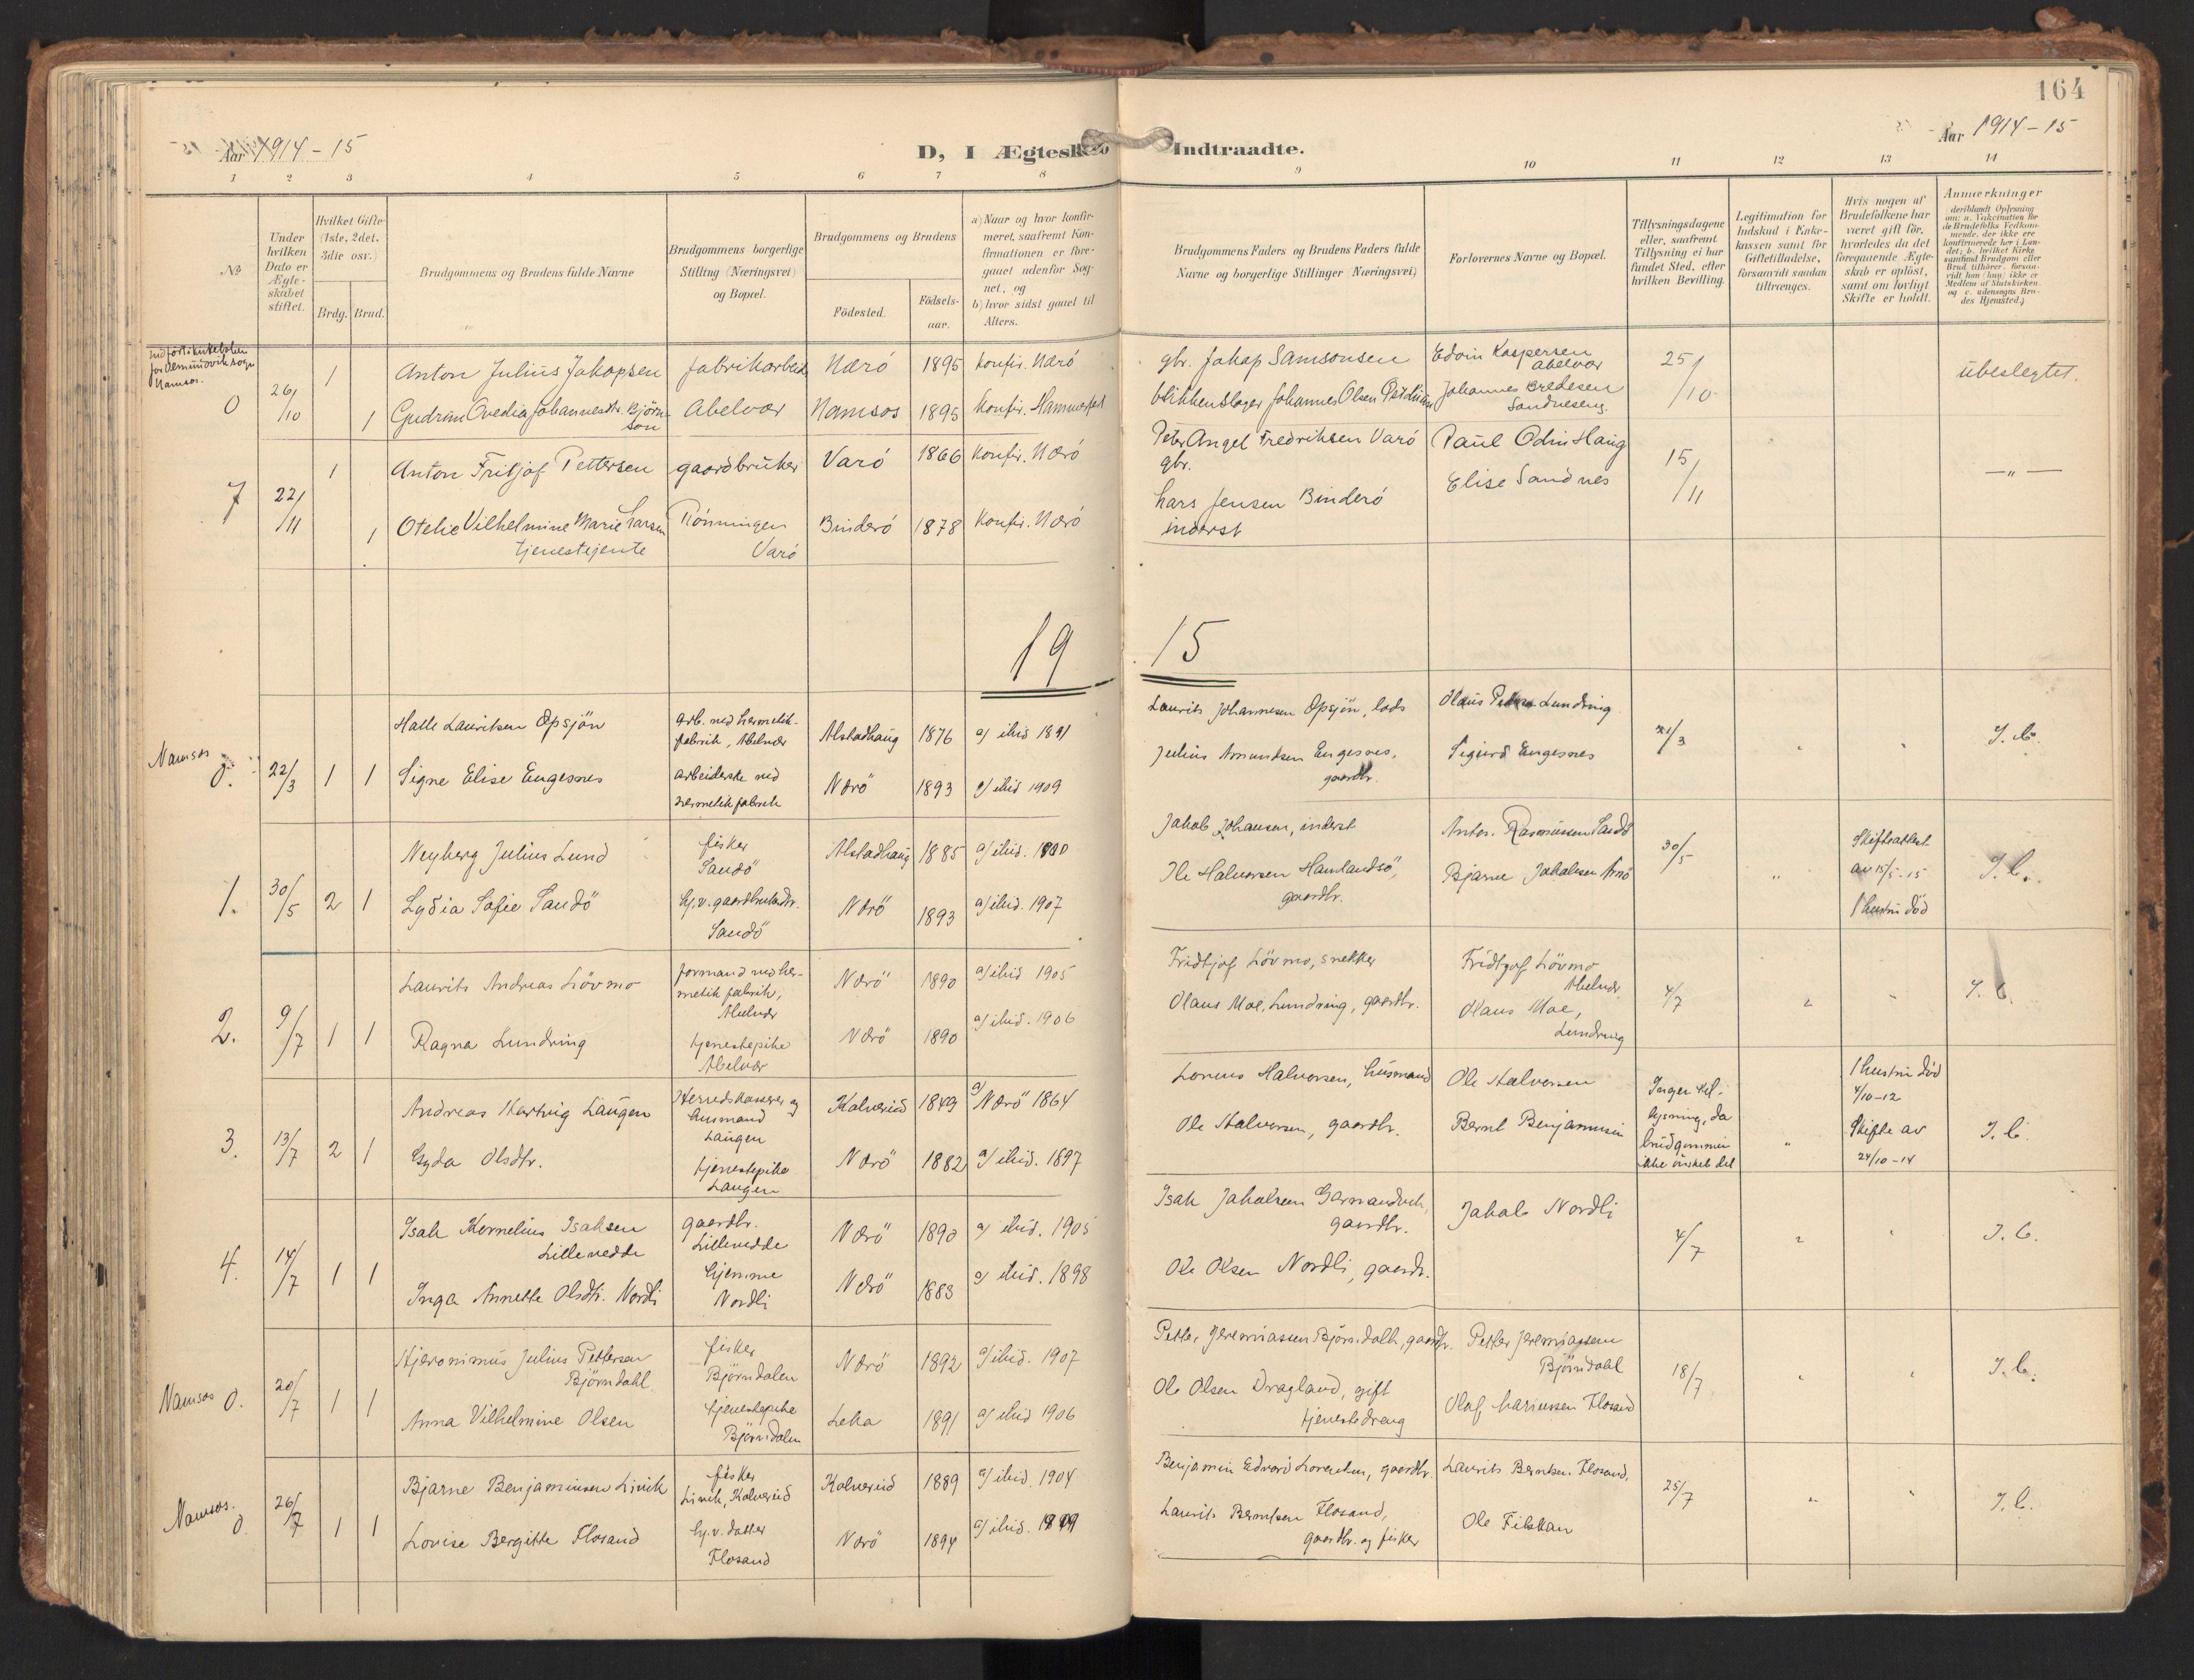 SAT, Ministerialprotokoller, klokkerbøker og fødselsregistre - Nord-Trøndelag, 784/L0677: Ministerialbok nr. 784A12, 1900-1920, s. 164